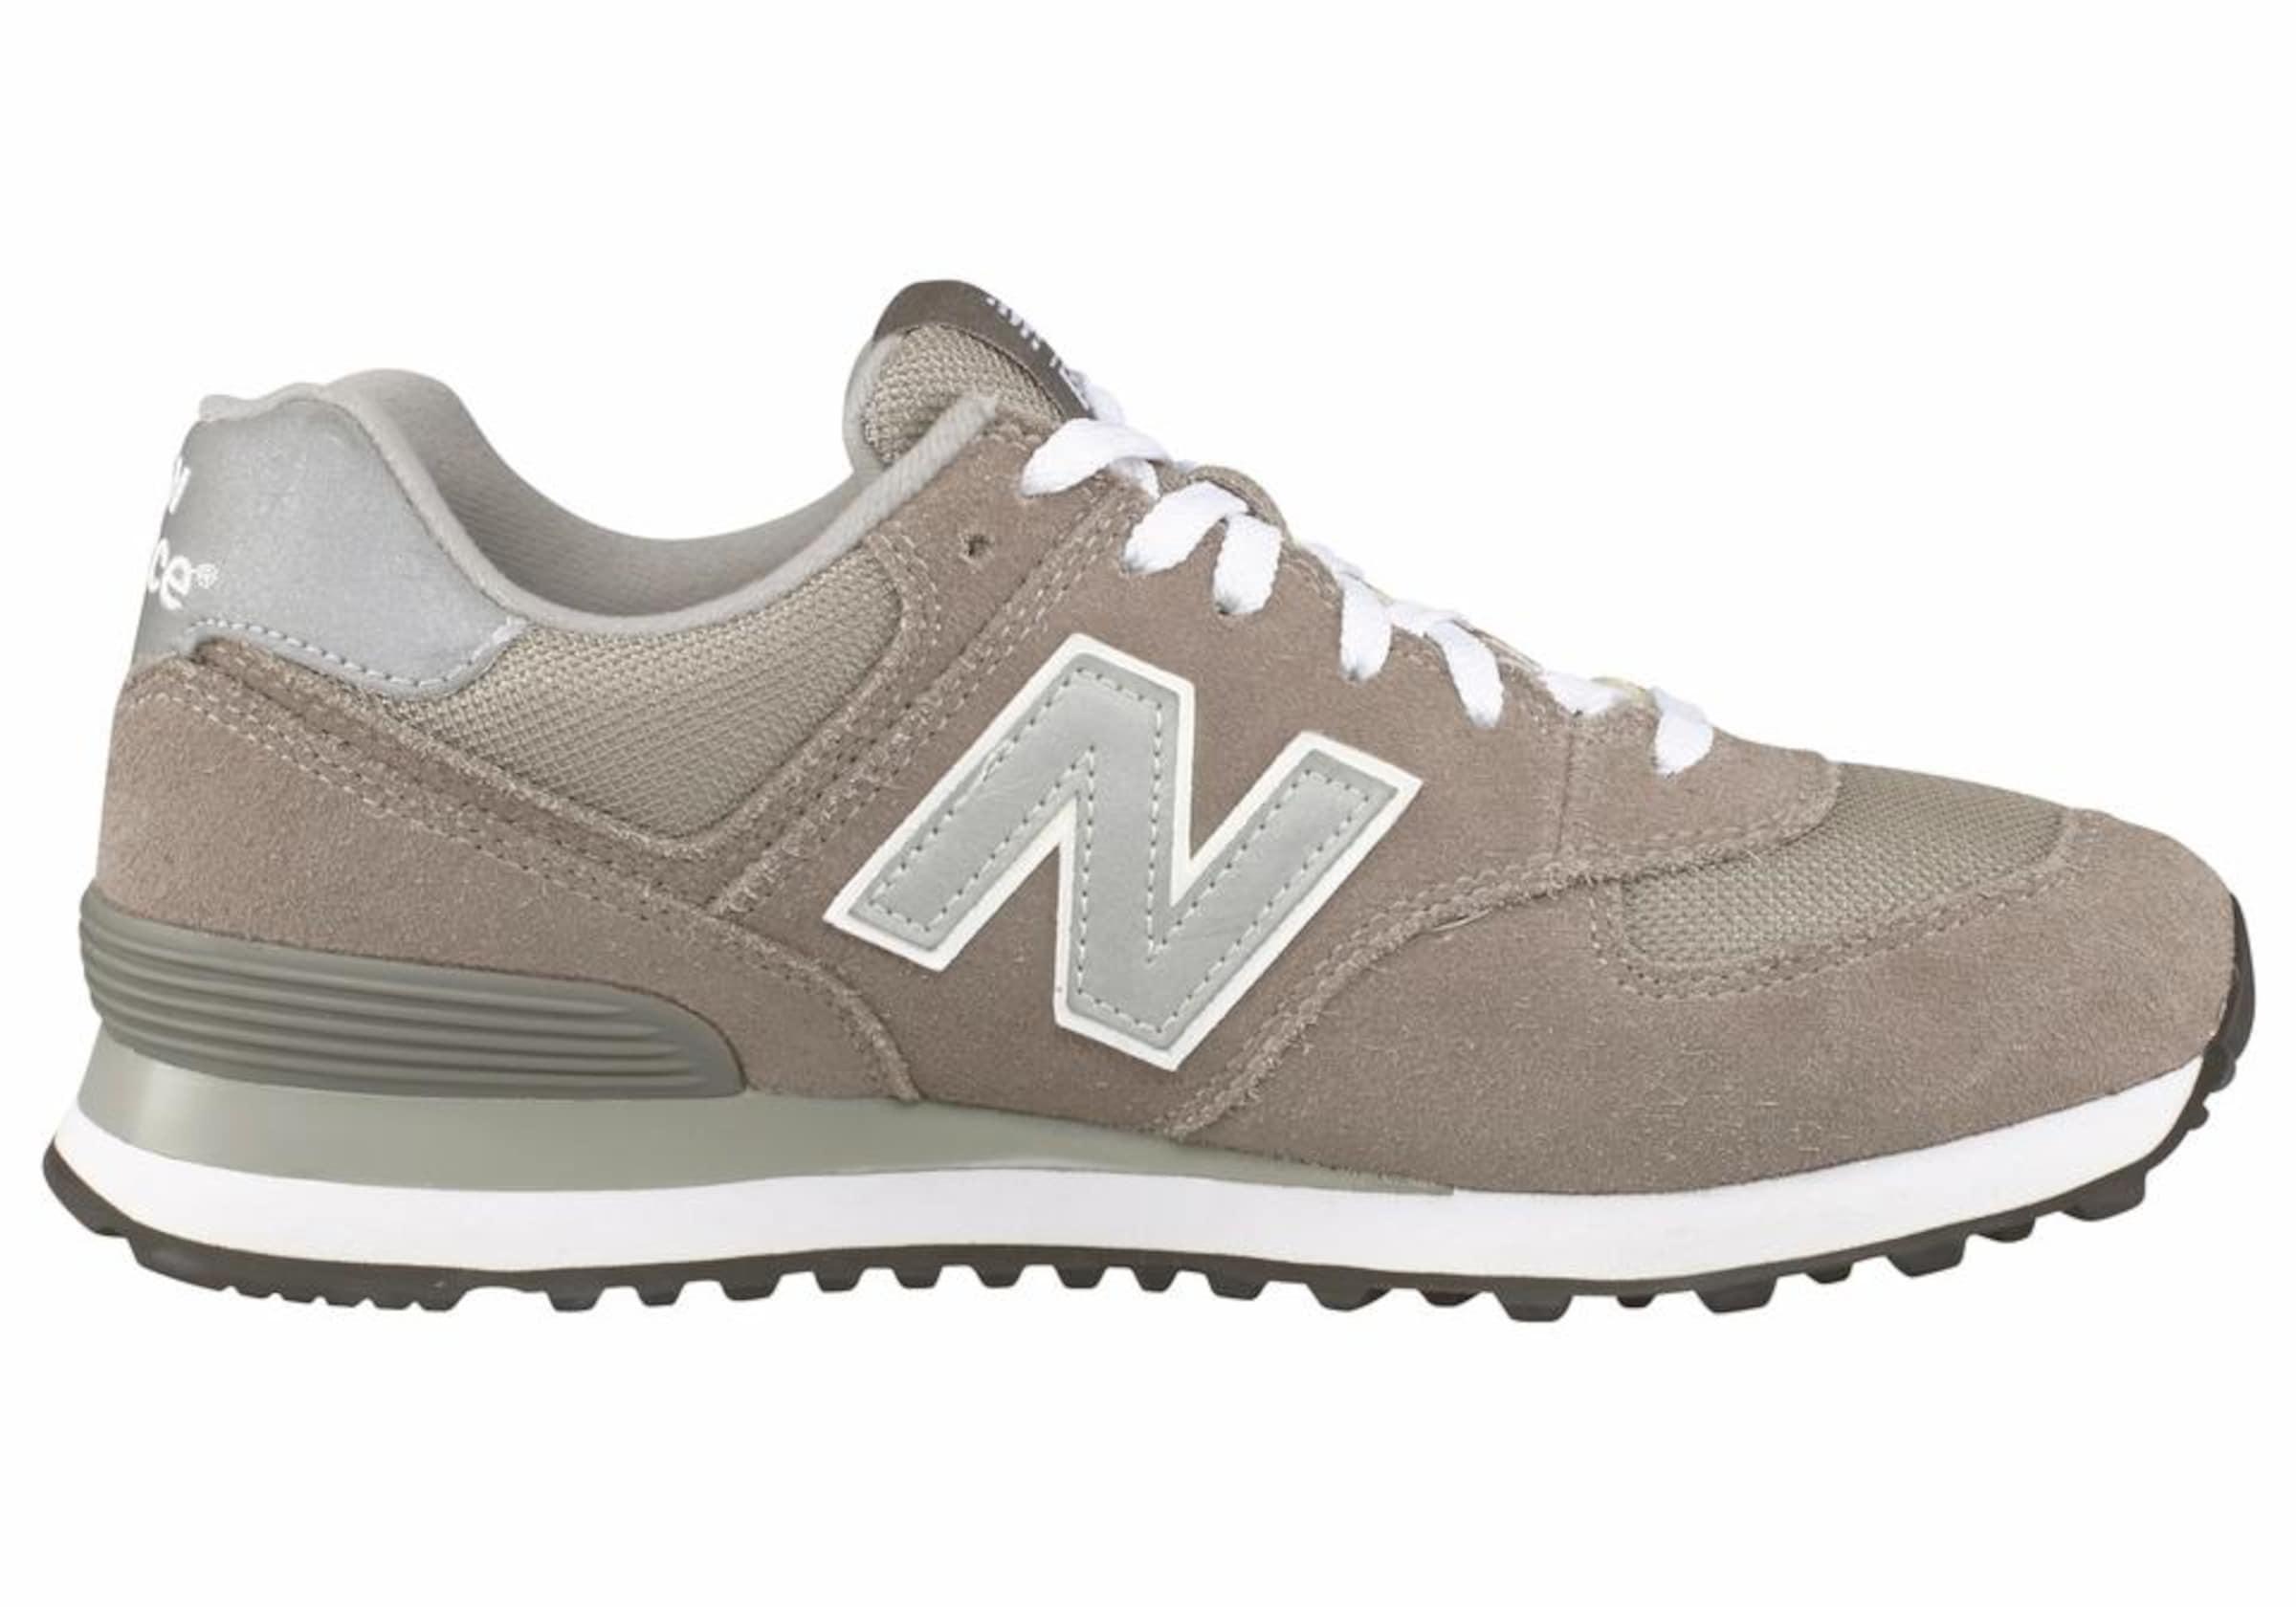 Räumungsverkauf Online new balance Sneaker 'ML574' Billig Verkauf Wahl Freiraum Suchen Original Günstiger Preis iWUSK1RBxH